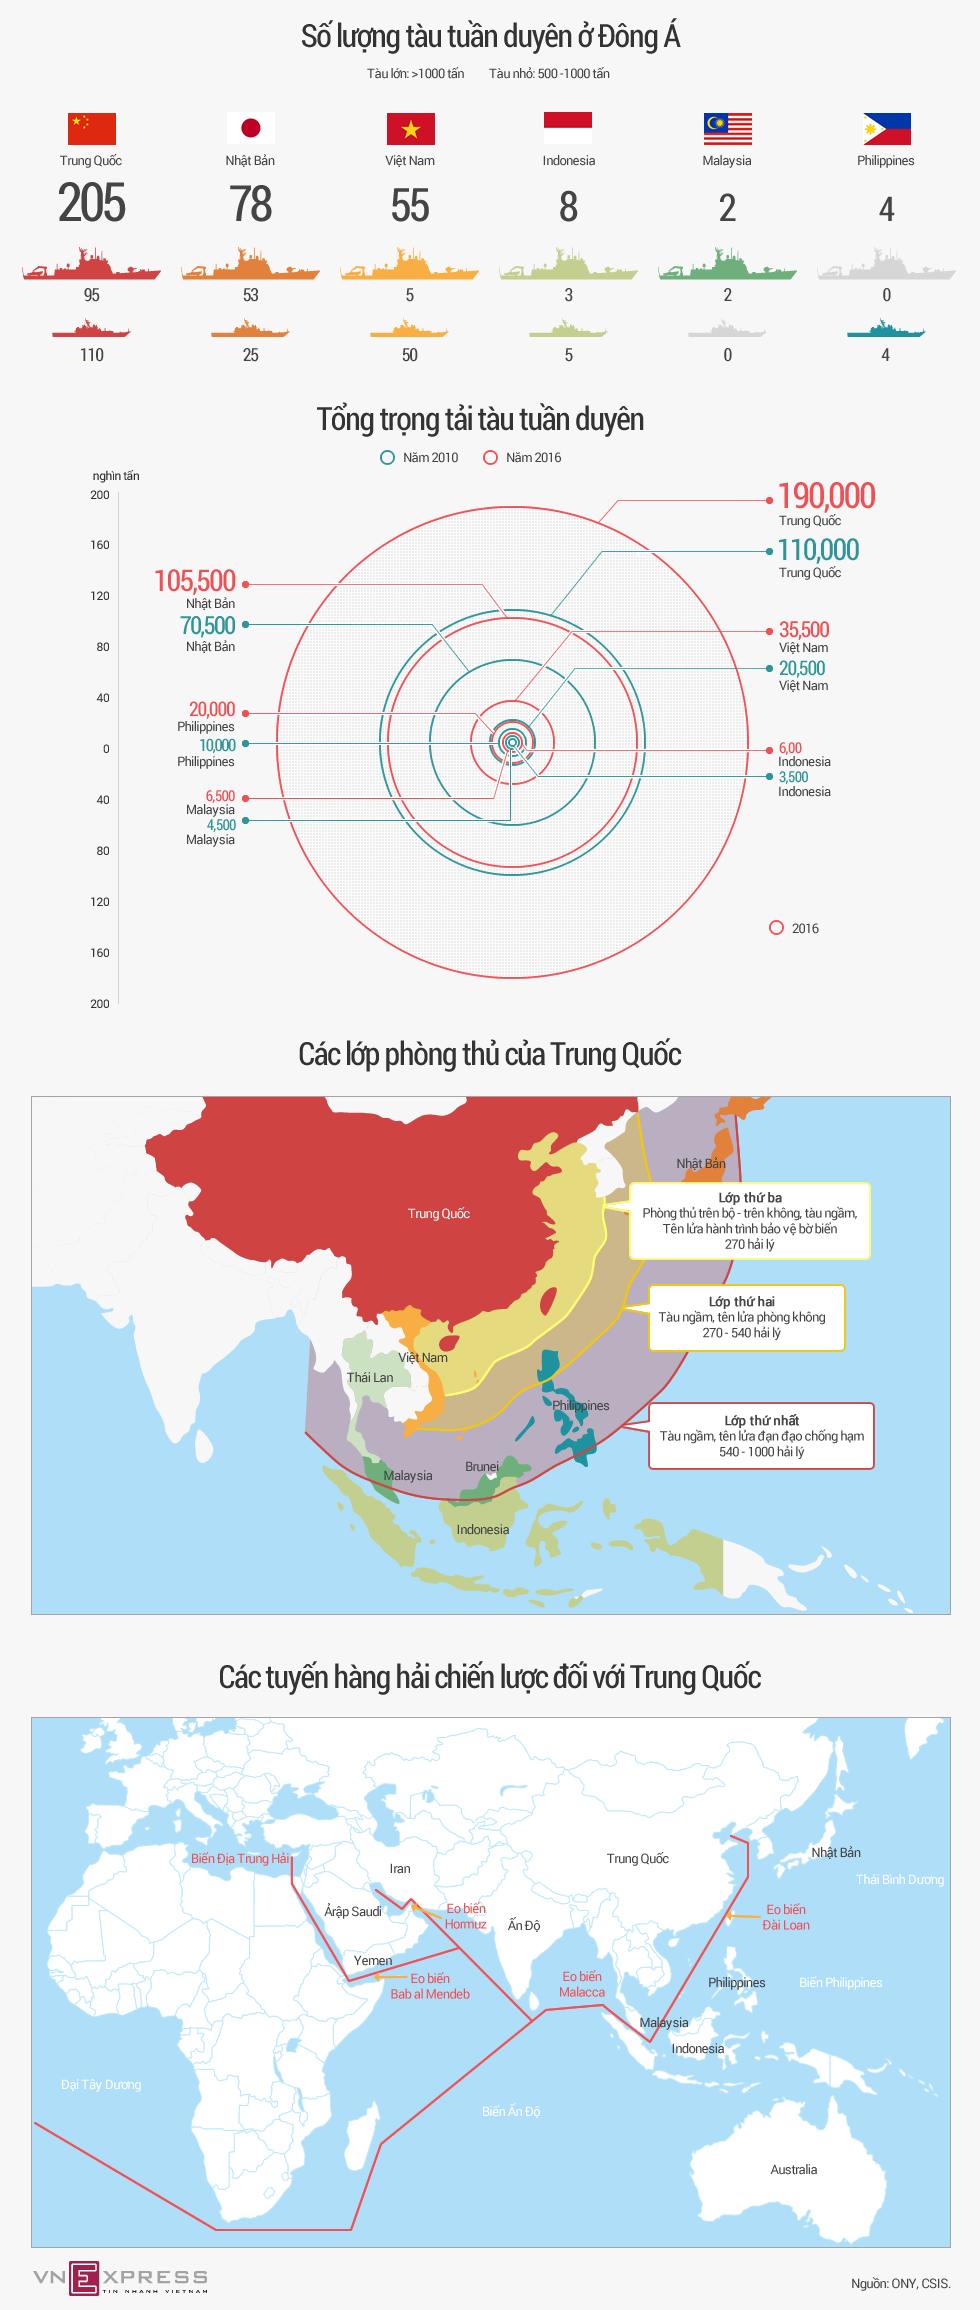 Trung Quốc sở hữu lực lượng tàu tuần duyên đông đảo nhất Đông Á